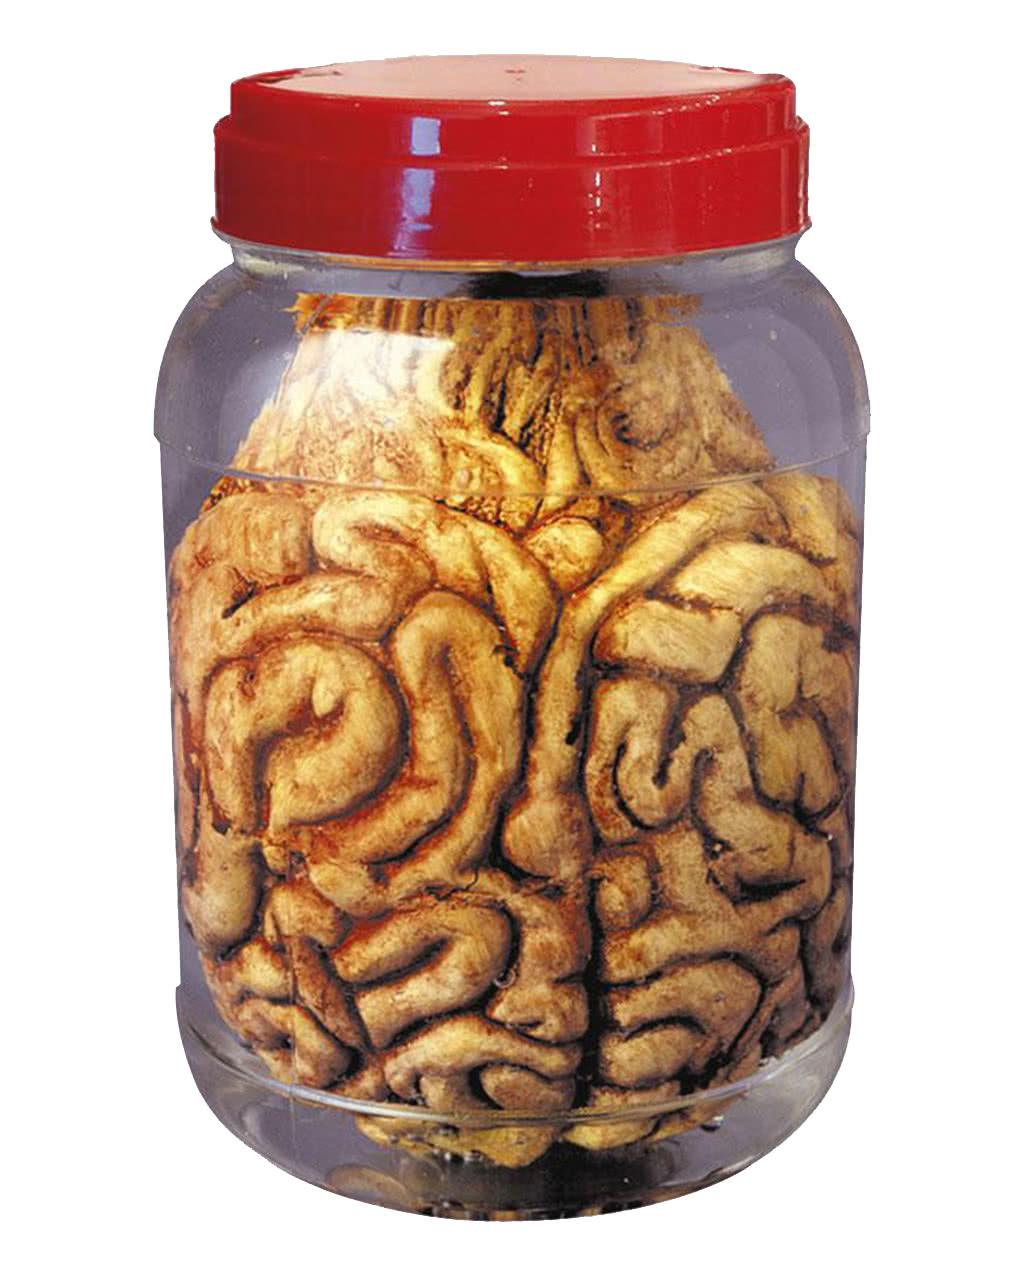 Einmachglas Mit Gehirn Halloween Deko Horror Shop Com